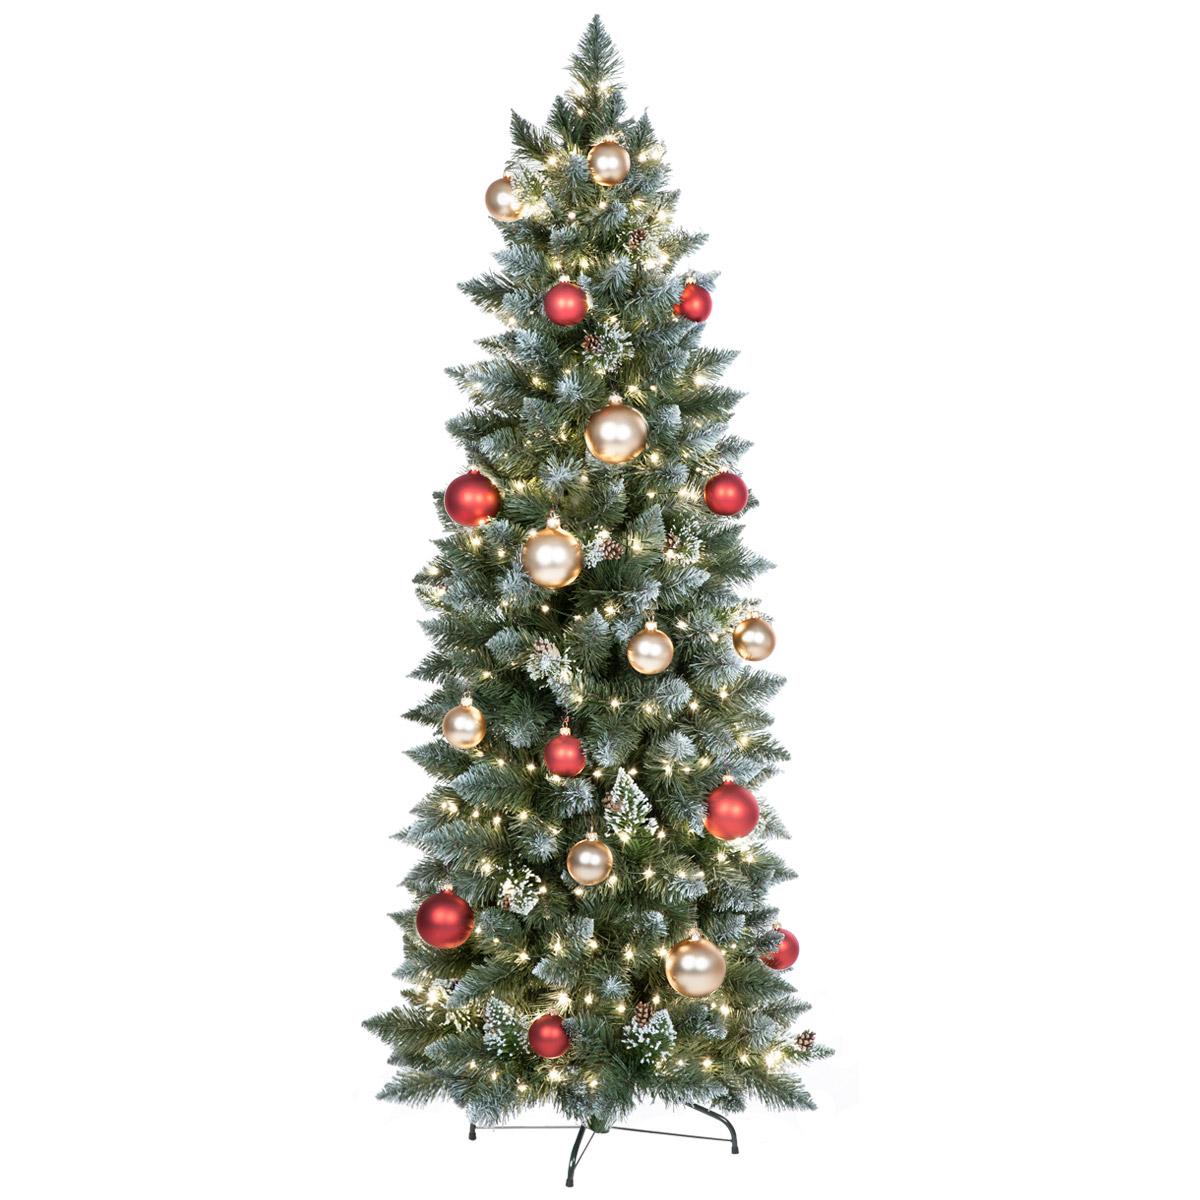 weihnachtsbaum tannenbaum kiefer weiss beschneit k nstlicher christbaum slim ebay. Black Bedroom Furniture Sets. Home Design Ideas